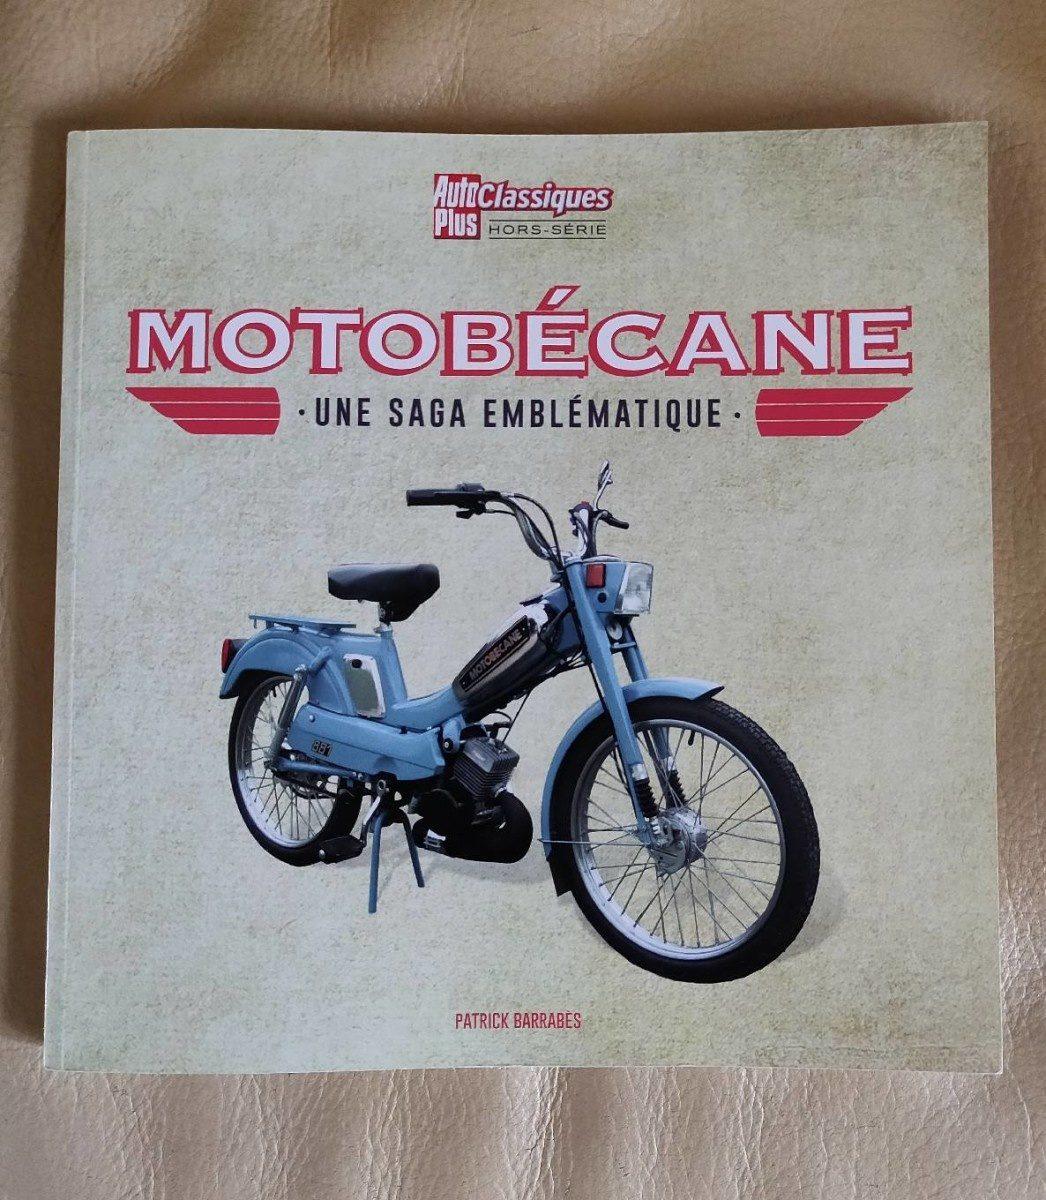 Motobecane une saga emblematique - Product - fr